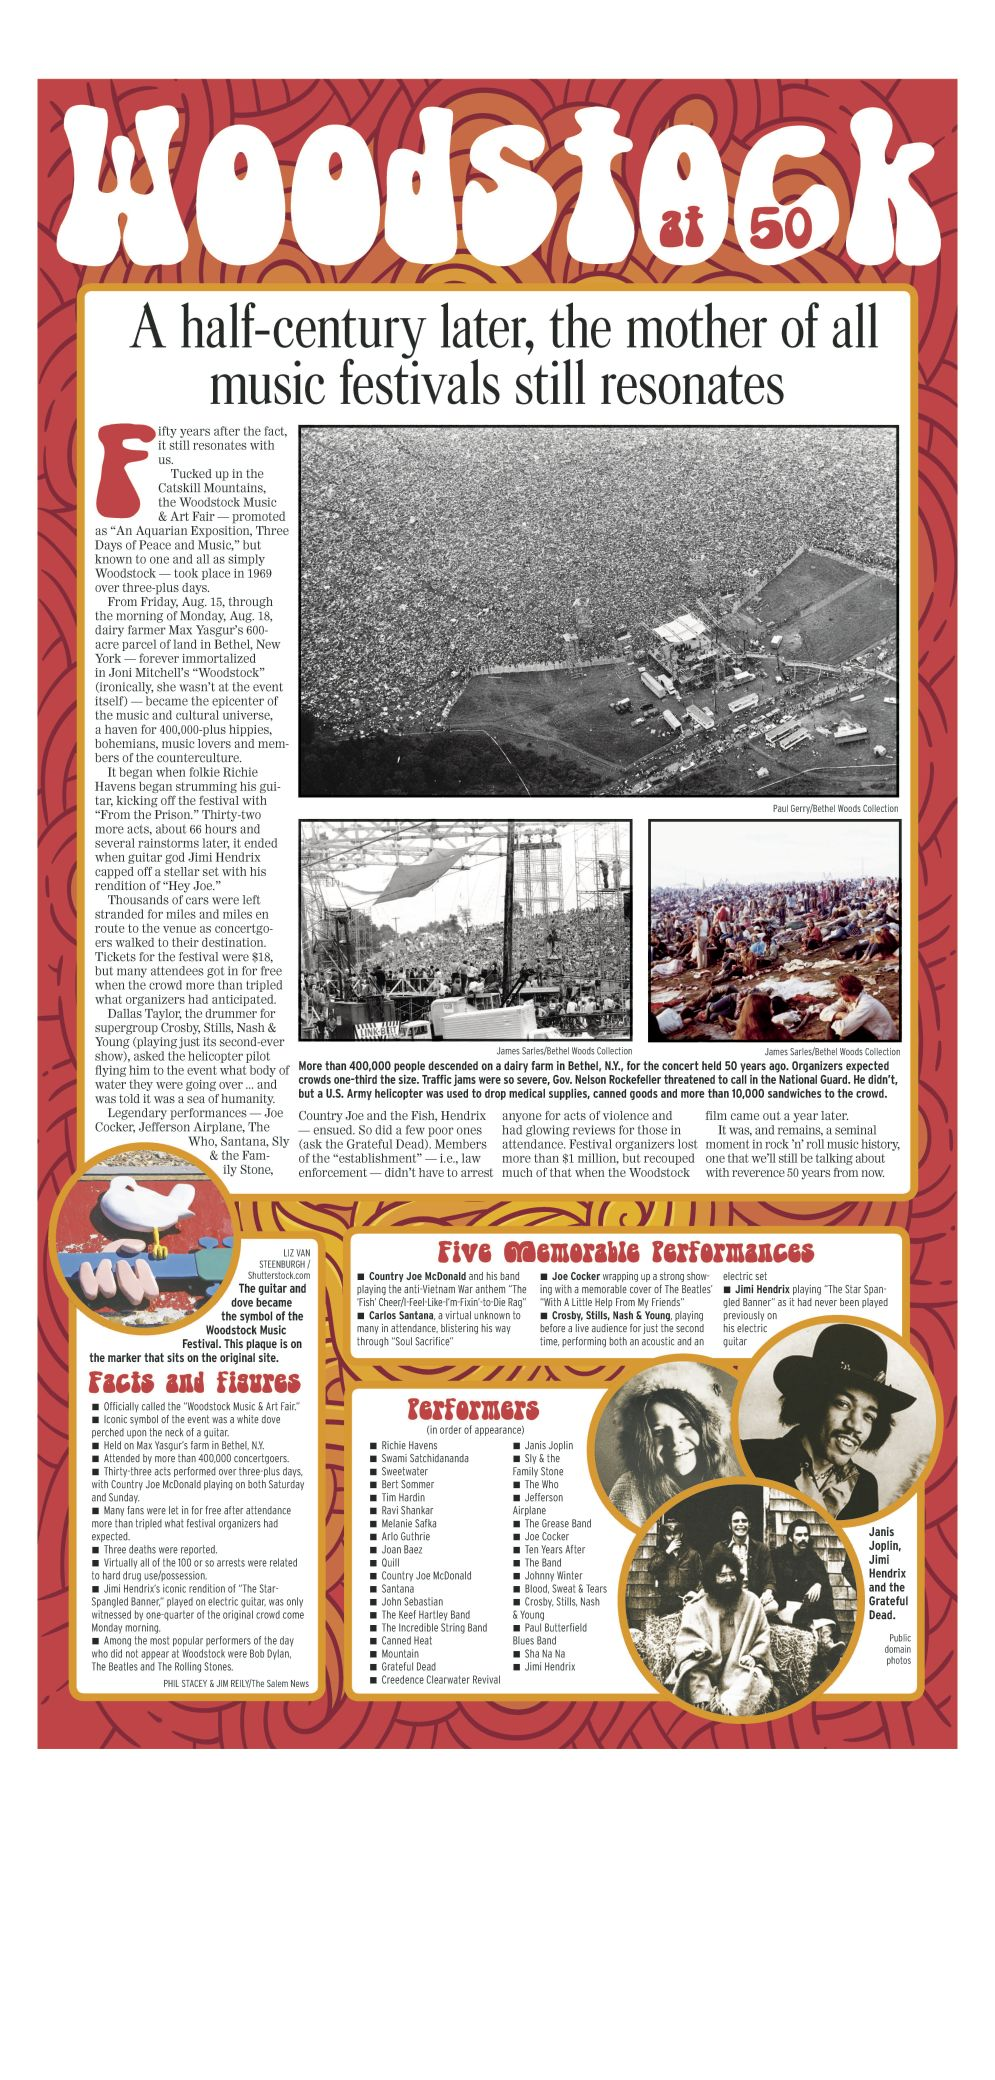 Woodstock at 50